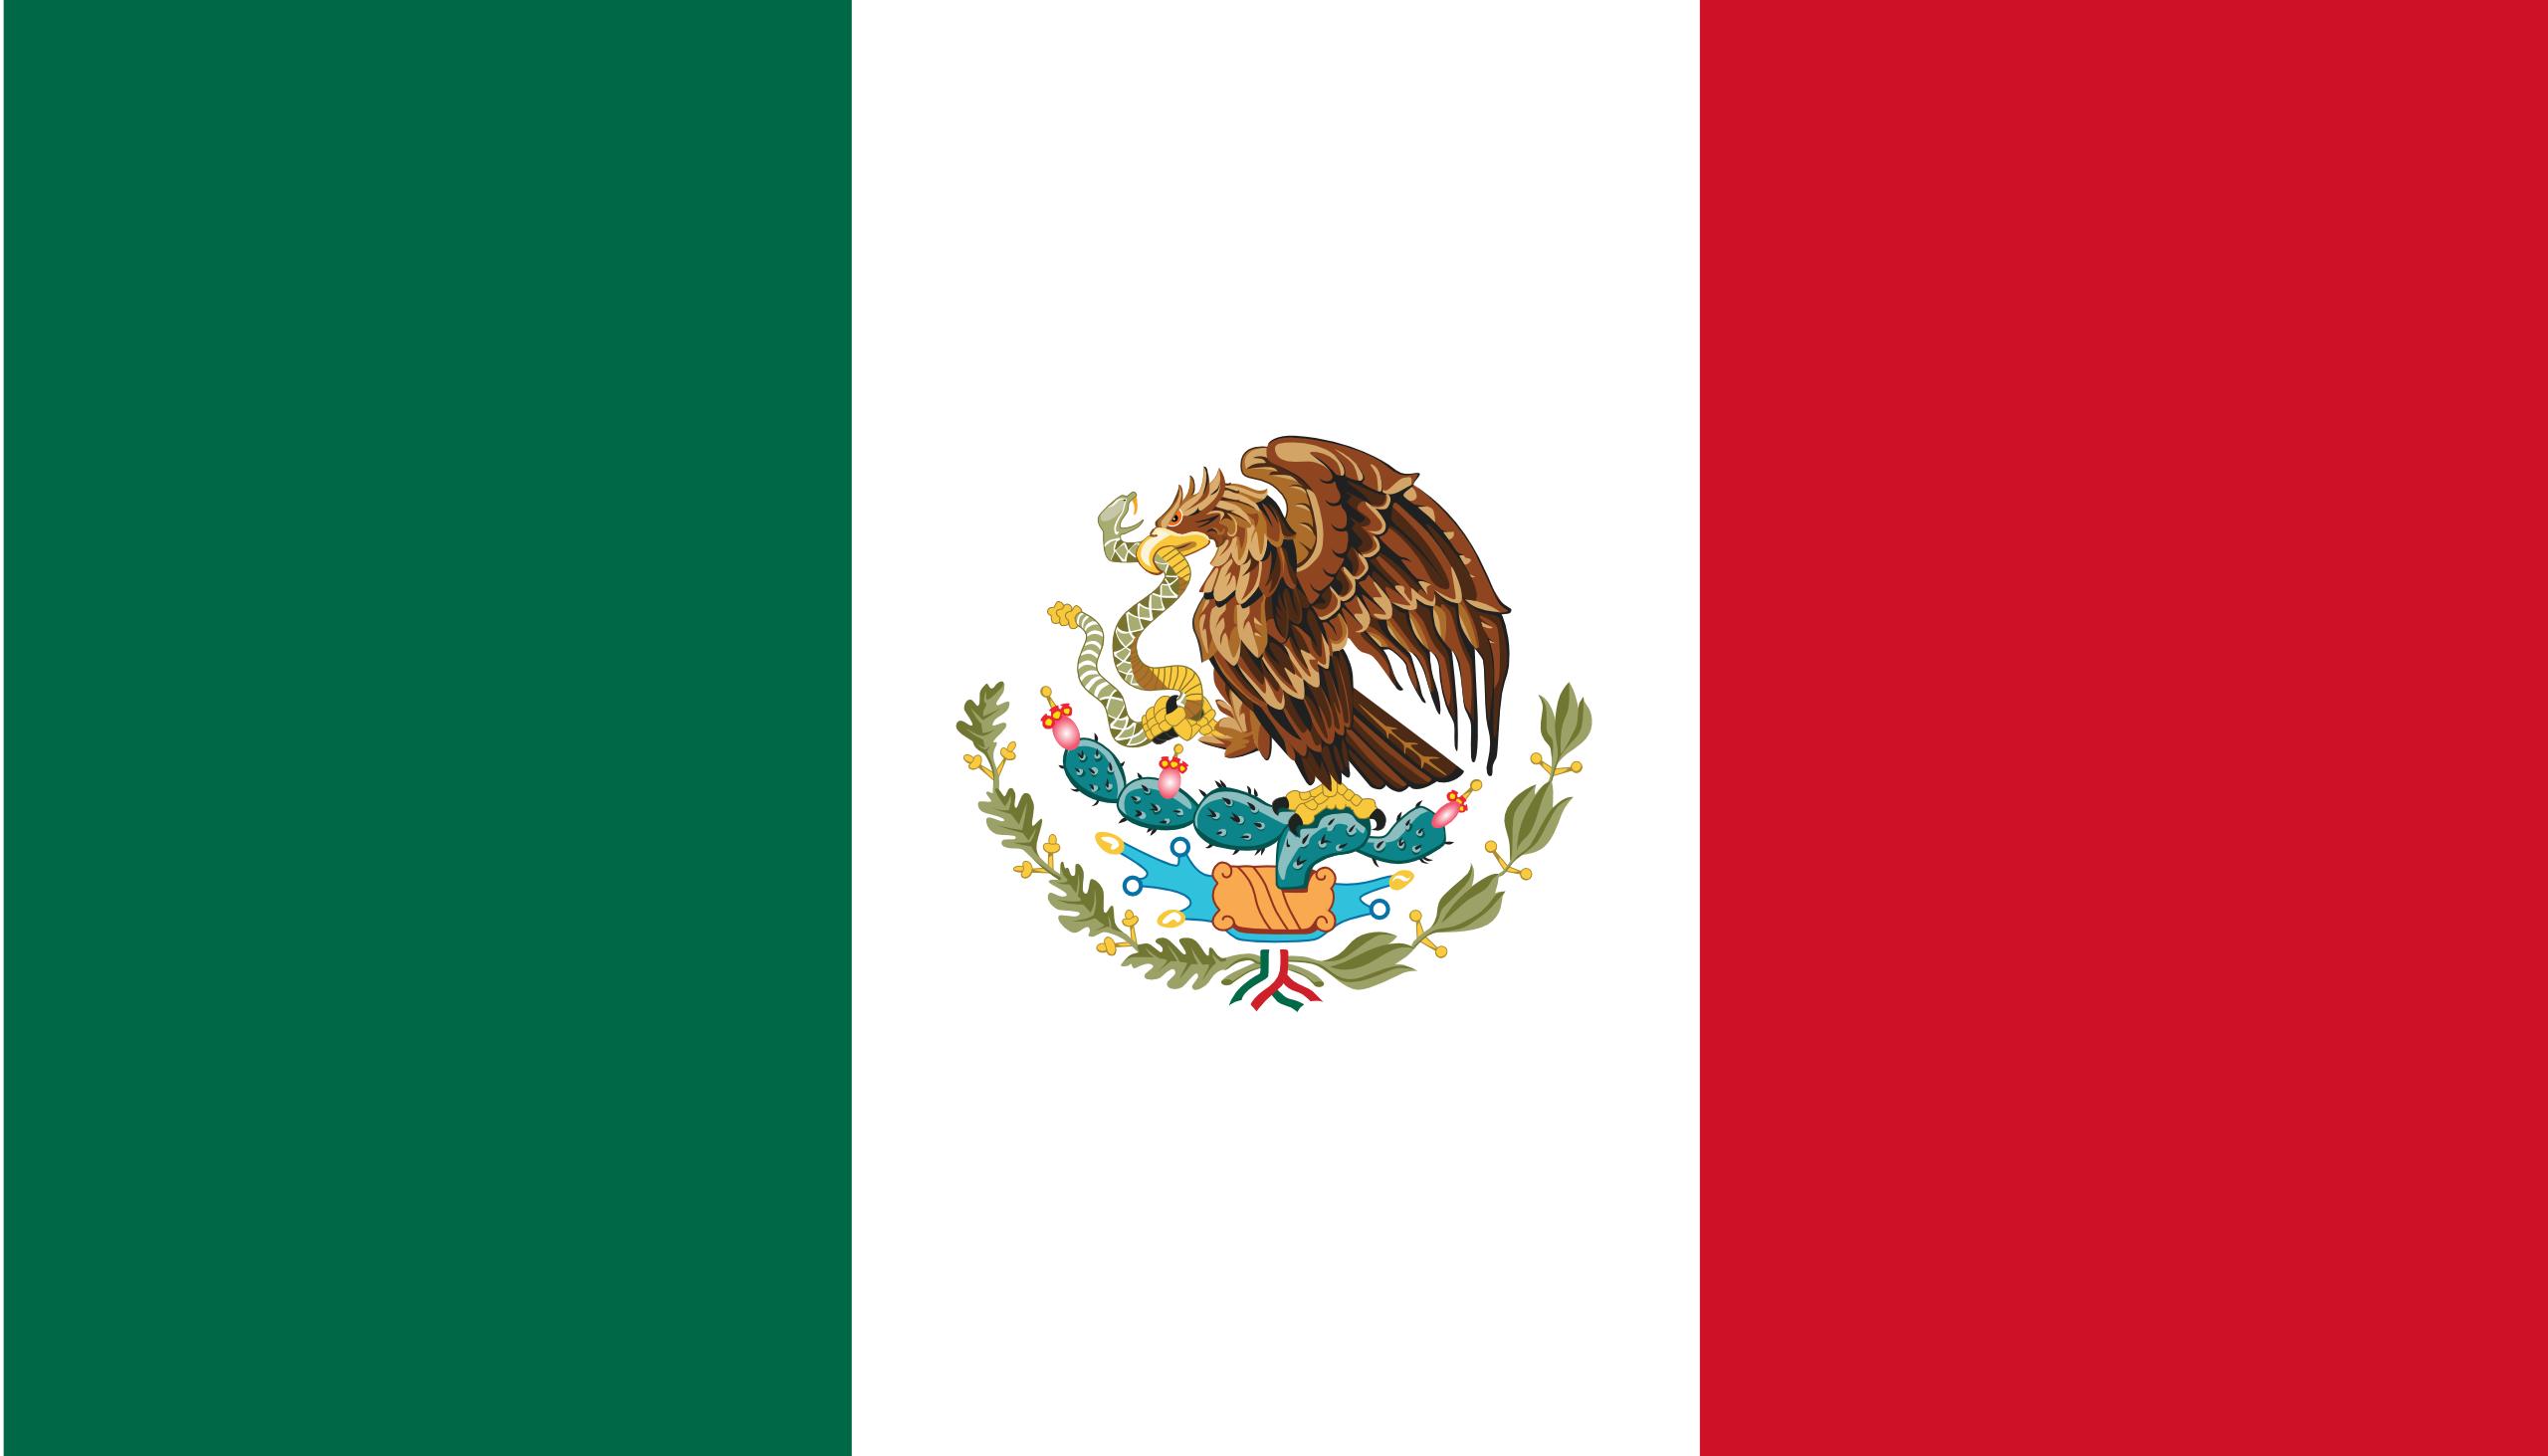 México, país, Brasão de armas, logotipo, símbolo - Papéis de parede HD - Professor-falken.com